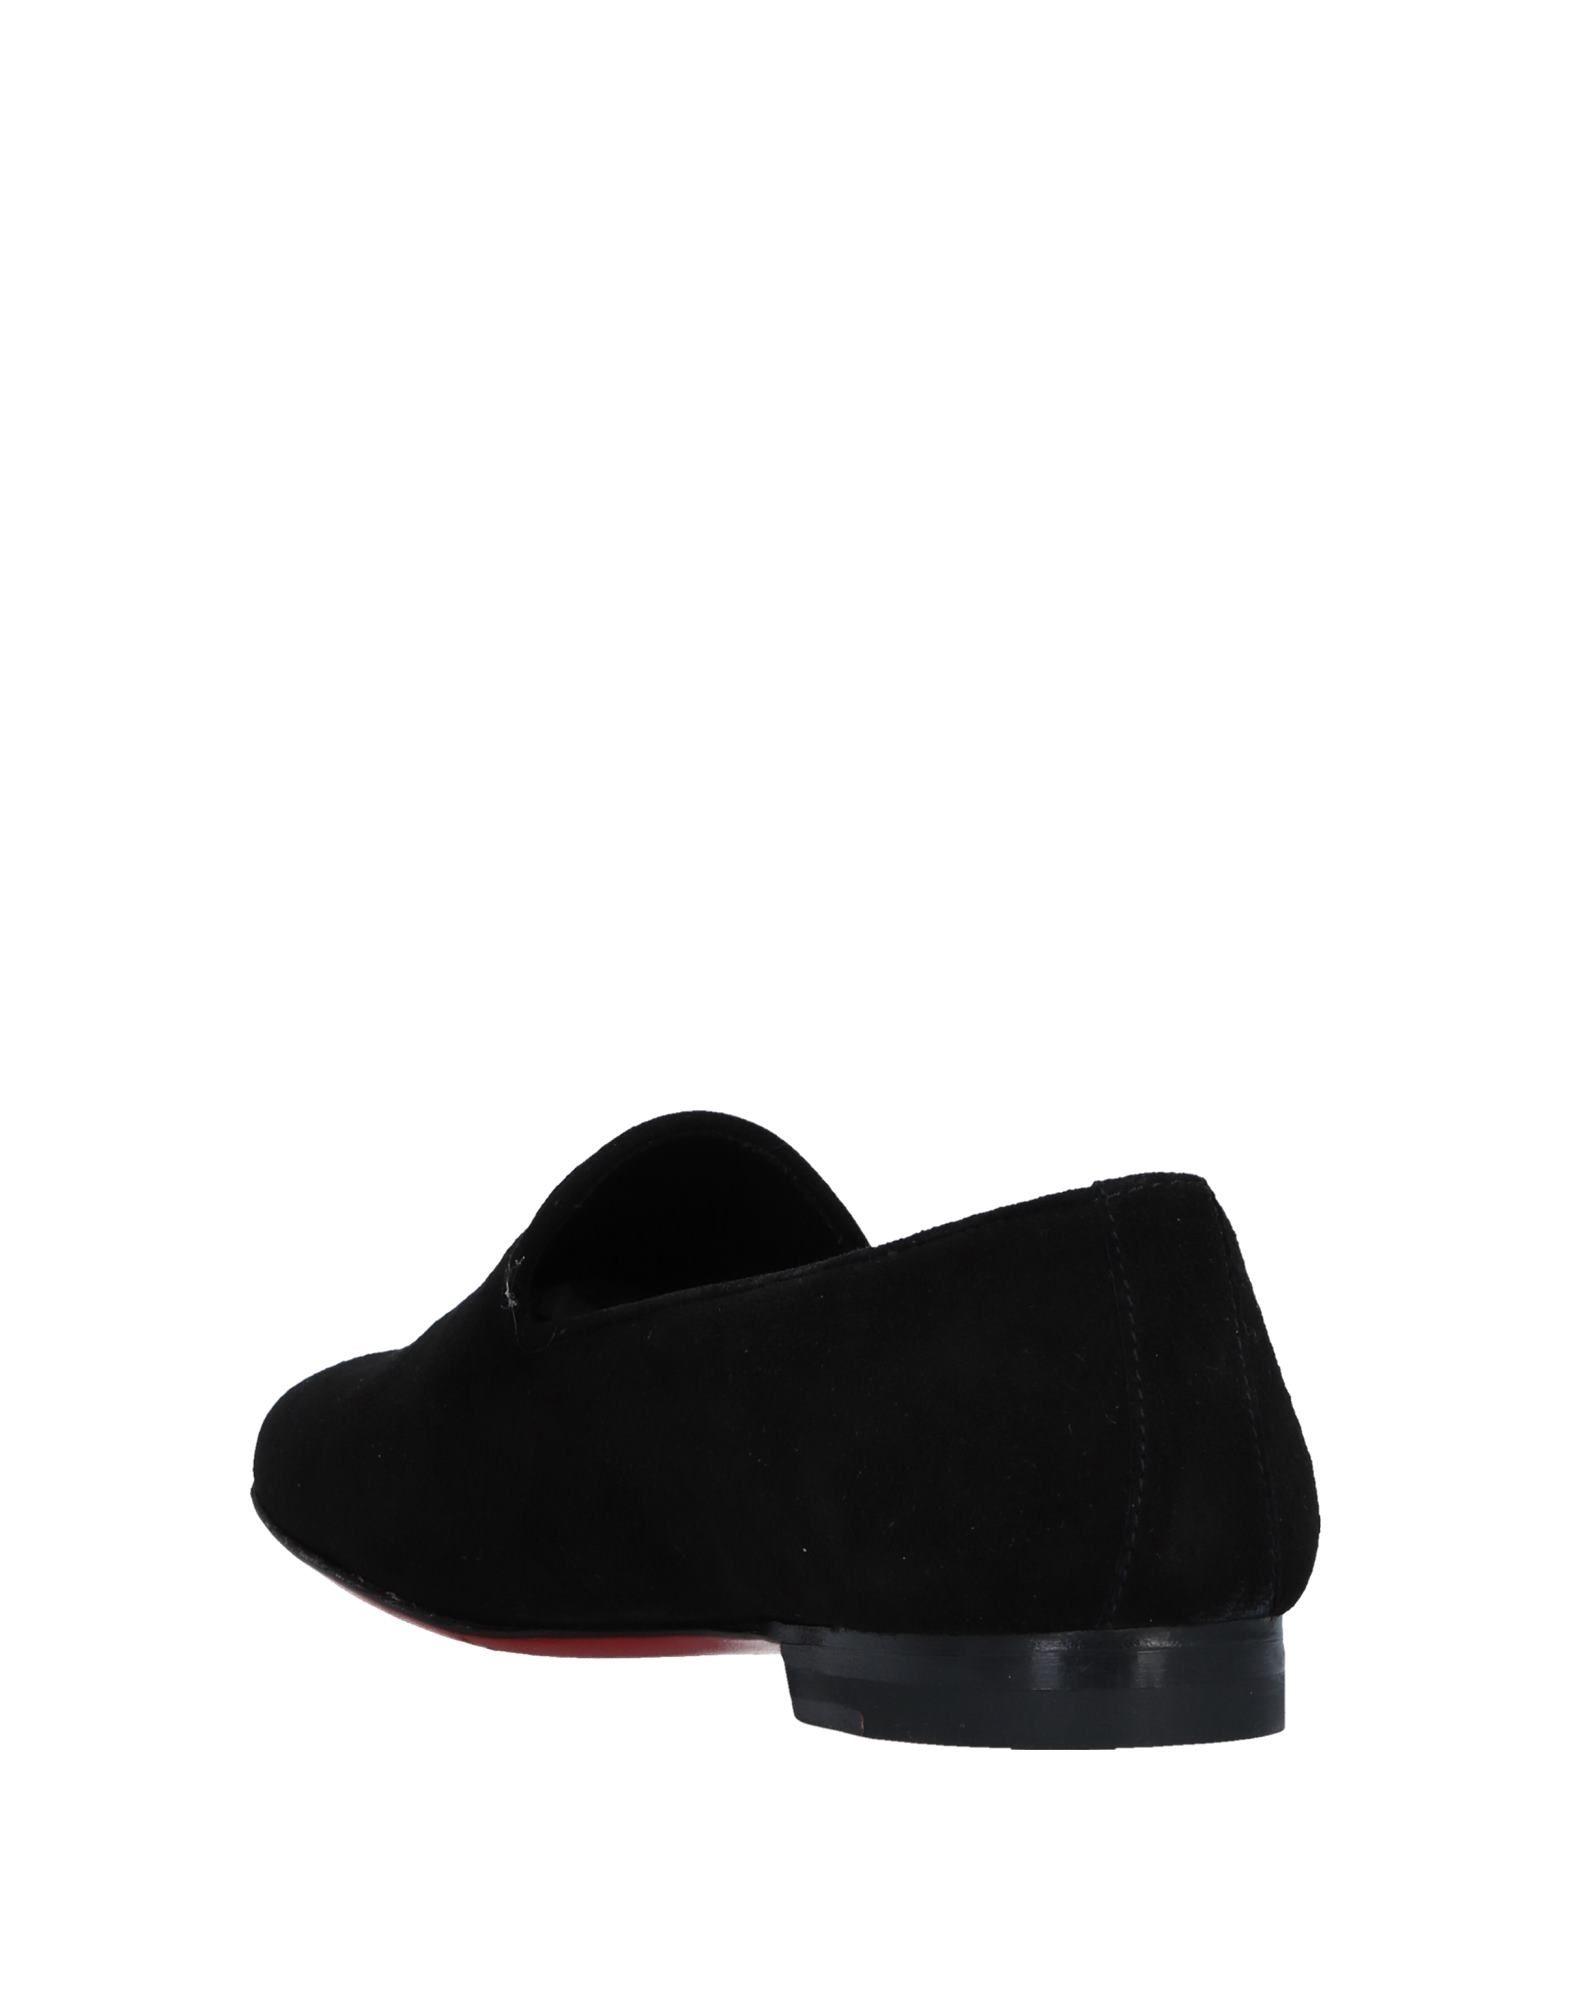 Communication Love Mokassins Qualität Damen  11253855JI Gute Qualität Mokassins beliebte Schuhe 9b0c97